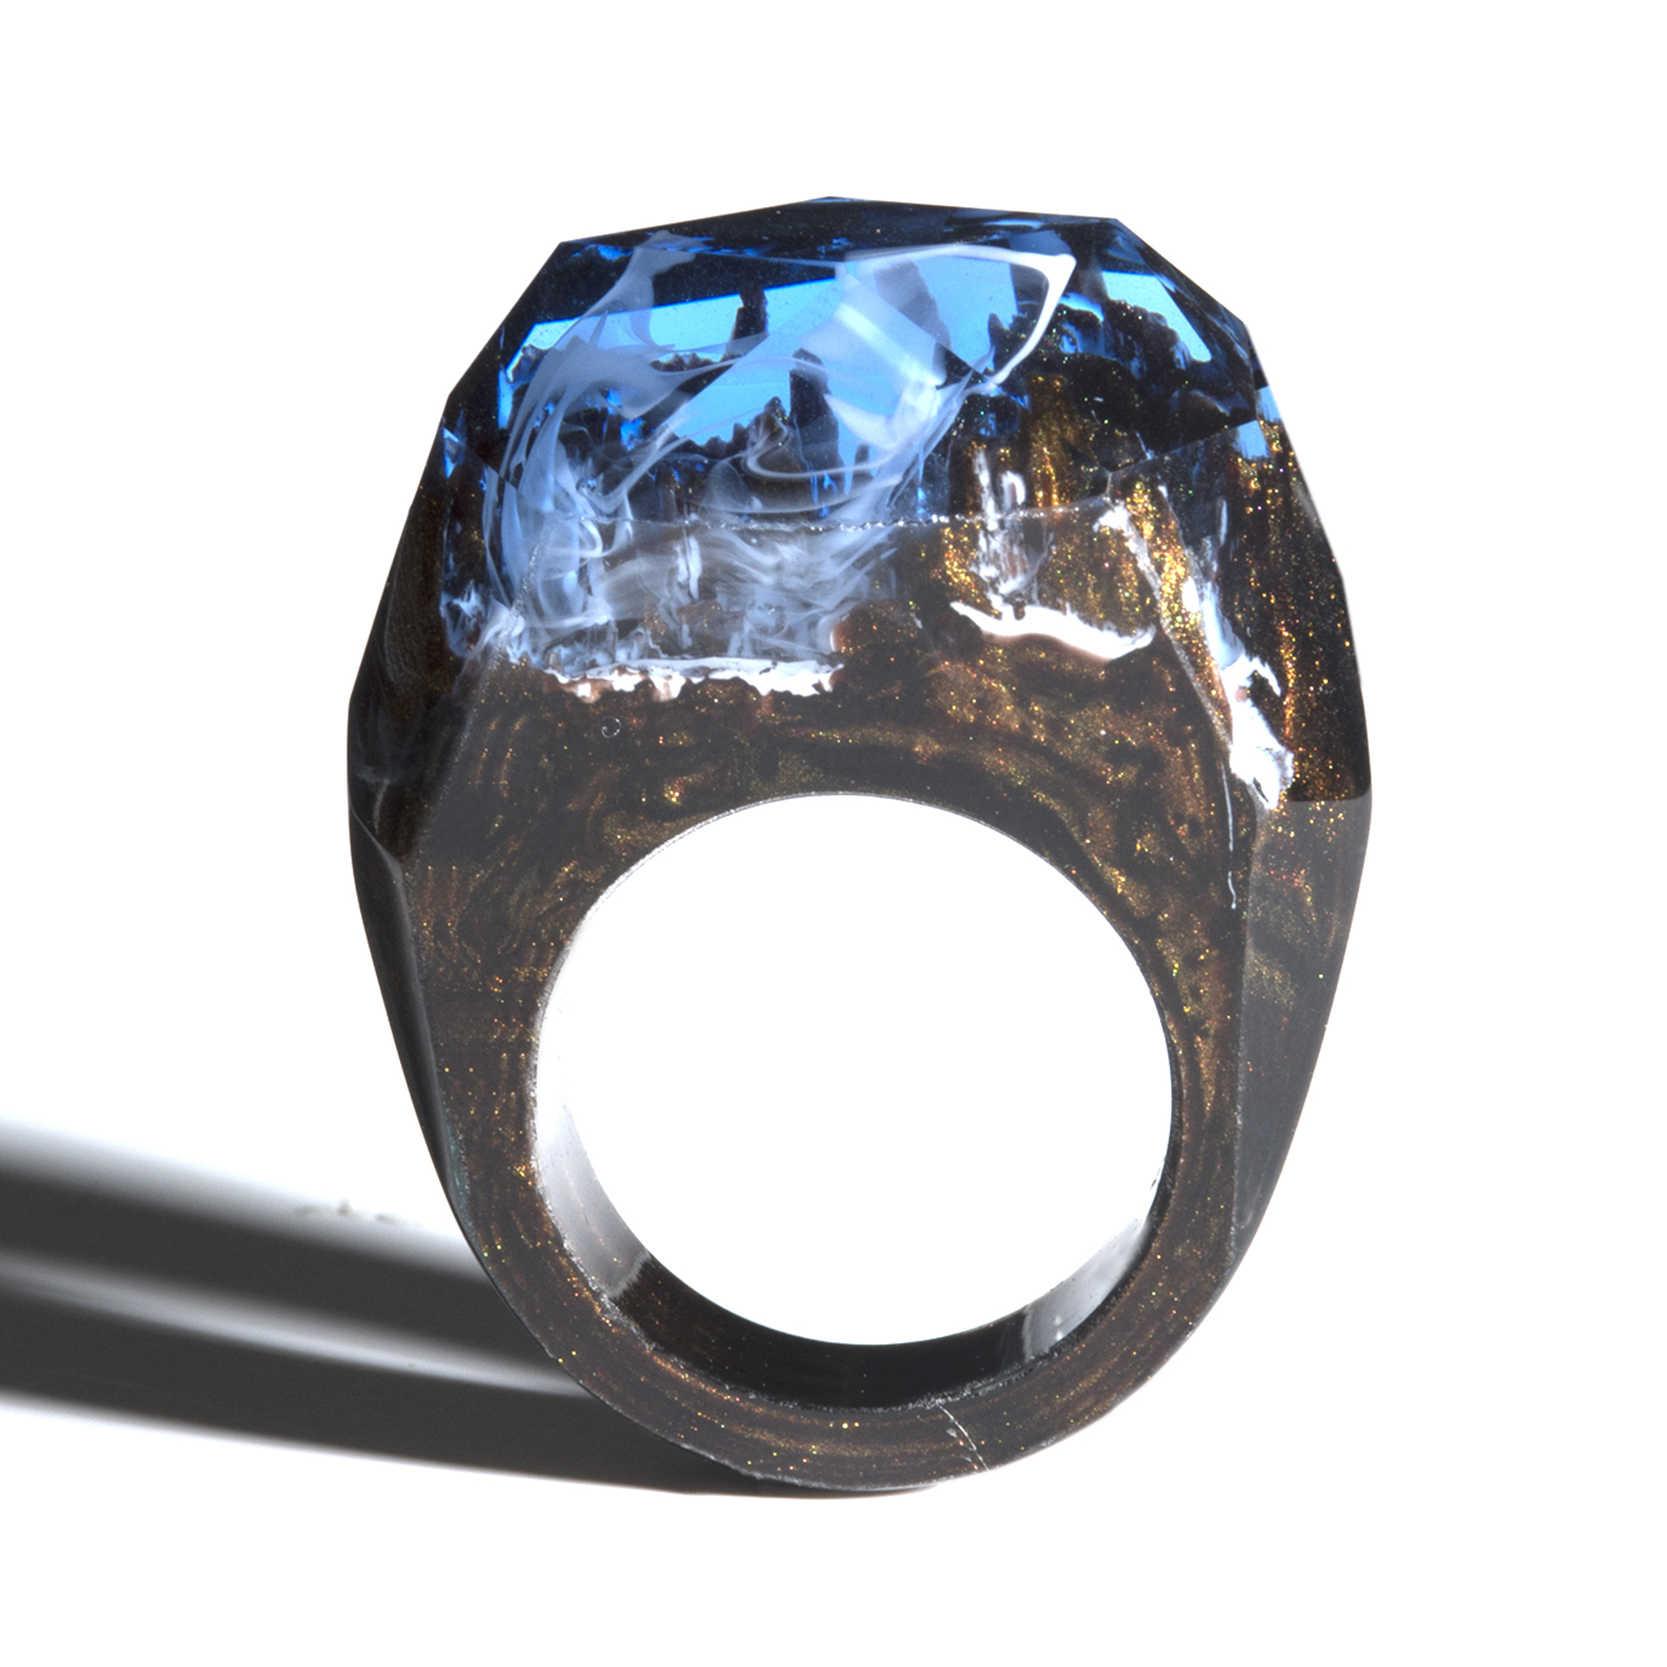 Волшебные деревянные кольца из голубой эпоксидной смолы для женщин с натуральным лесным пейзажем, прямоугольное кольцо, подарок, светящееся под УФ или фонариком